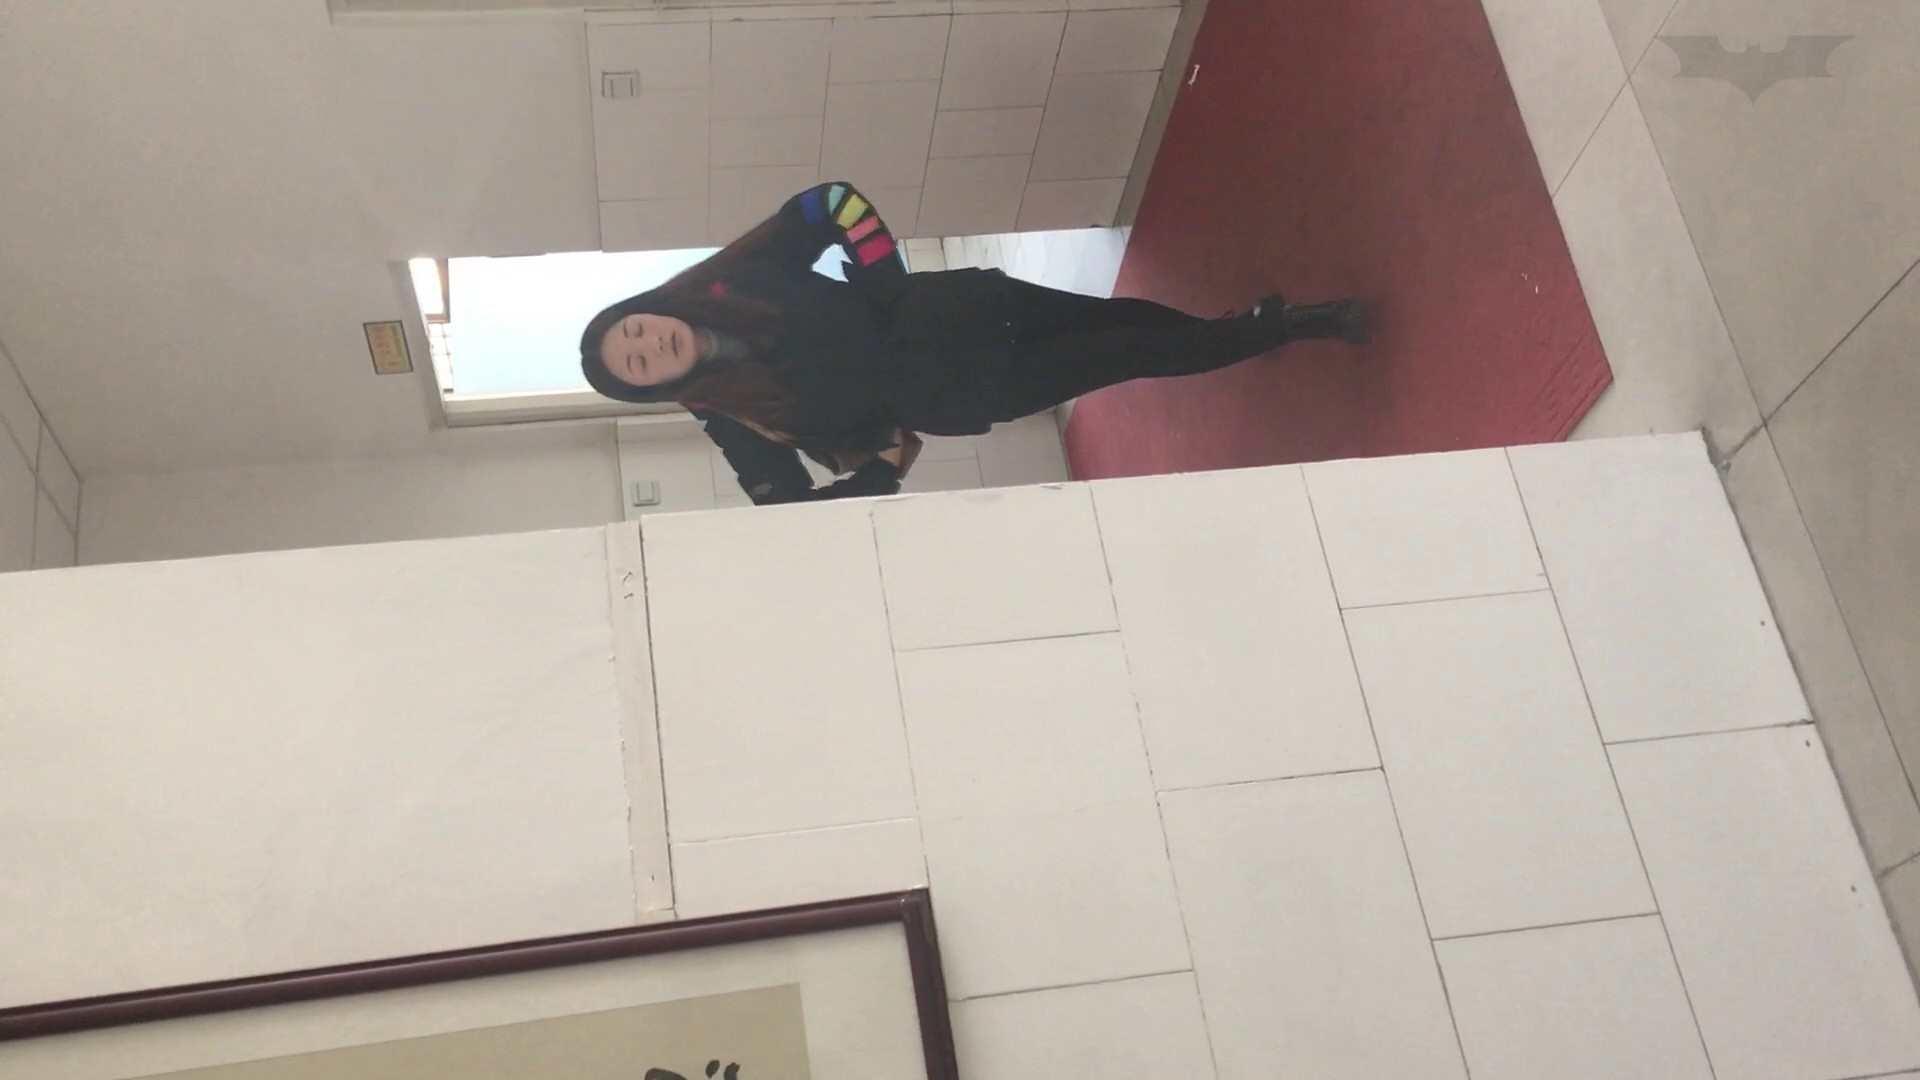 芸術大学ガチ潜入盗撮 JD盗撮 美女の洗面所の秘密 Vol.81 美女 おまんこ無修正動画無料 100枚 22